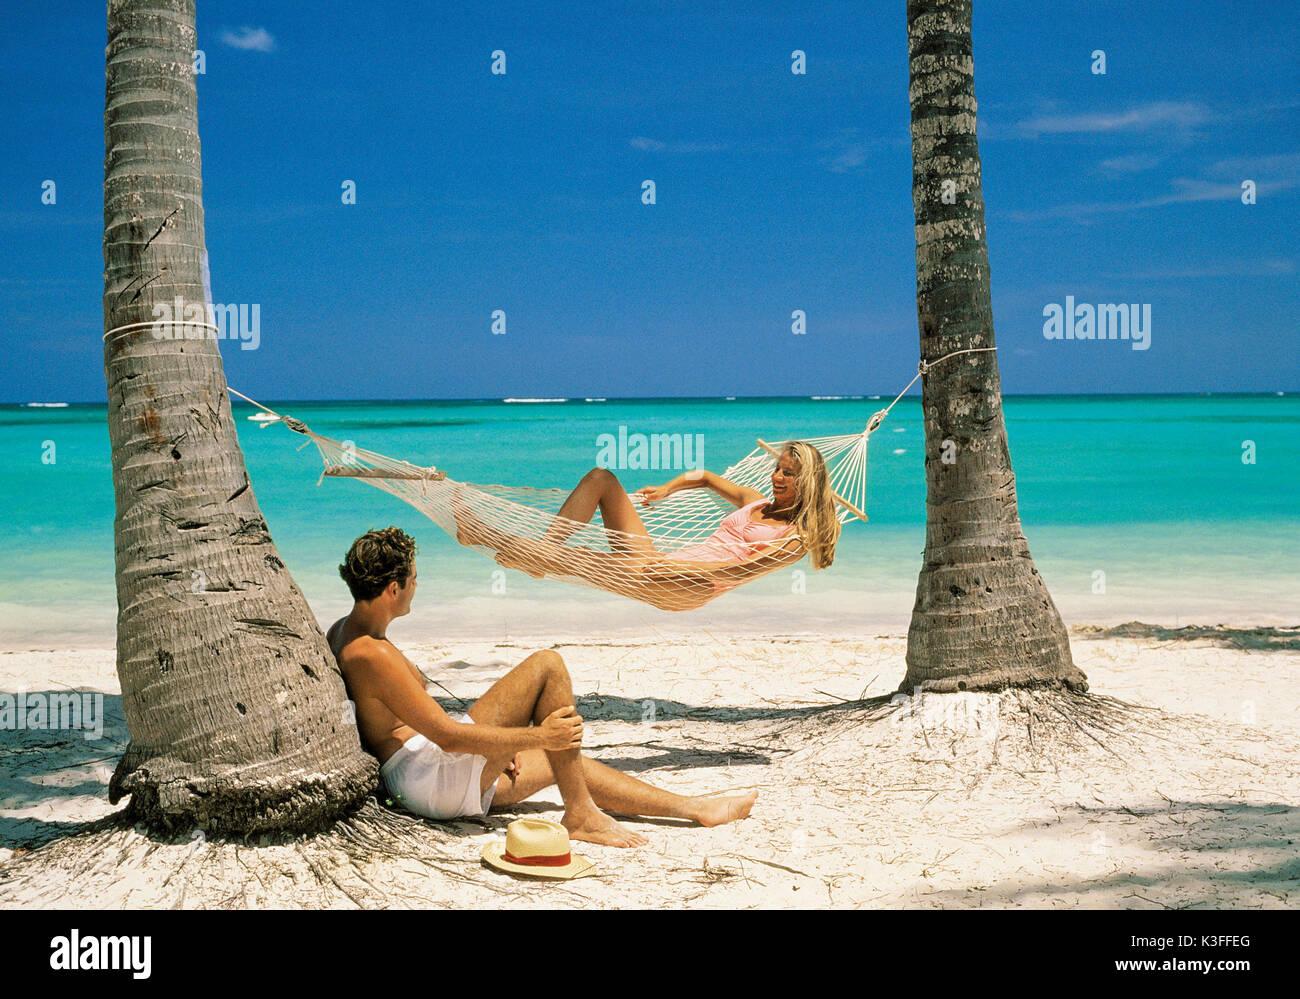 Des couples à la plage avec hamac Photo Stock